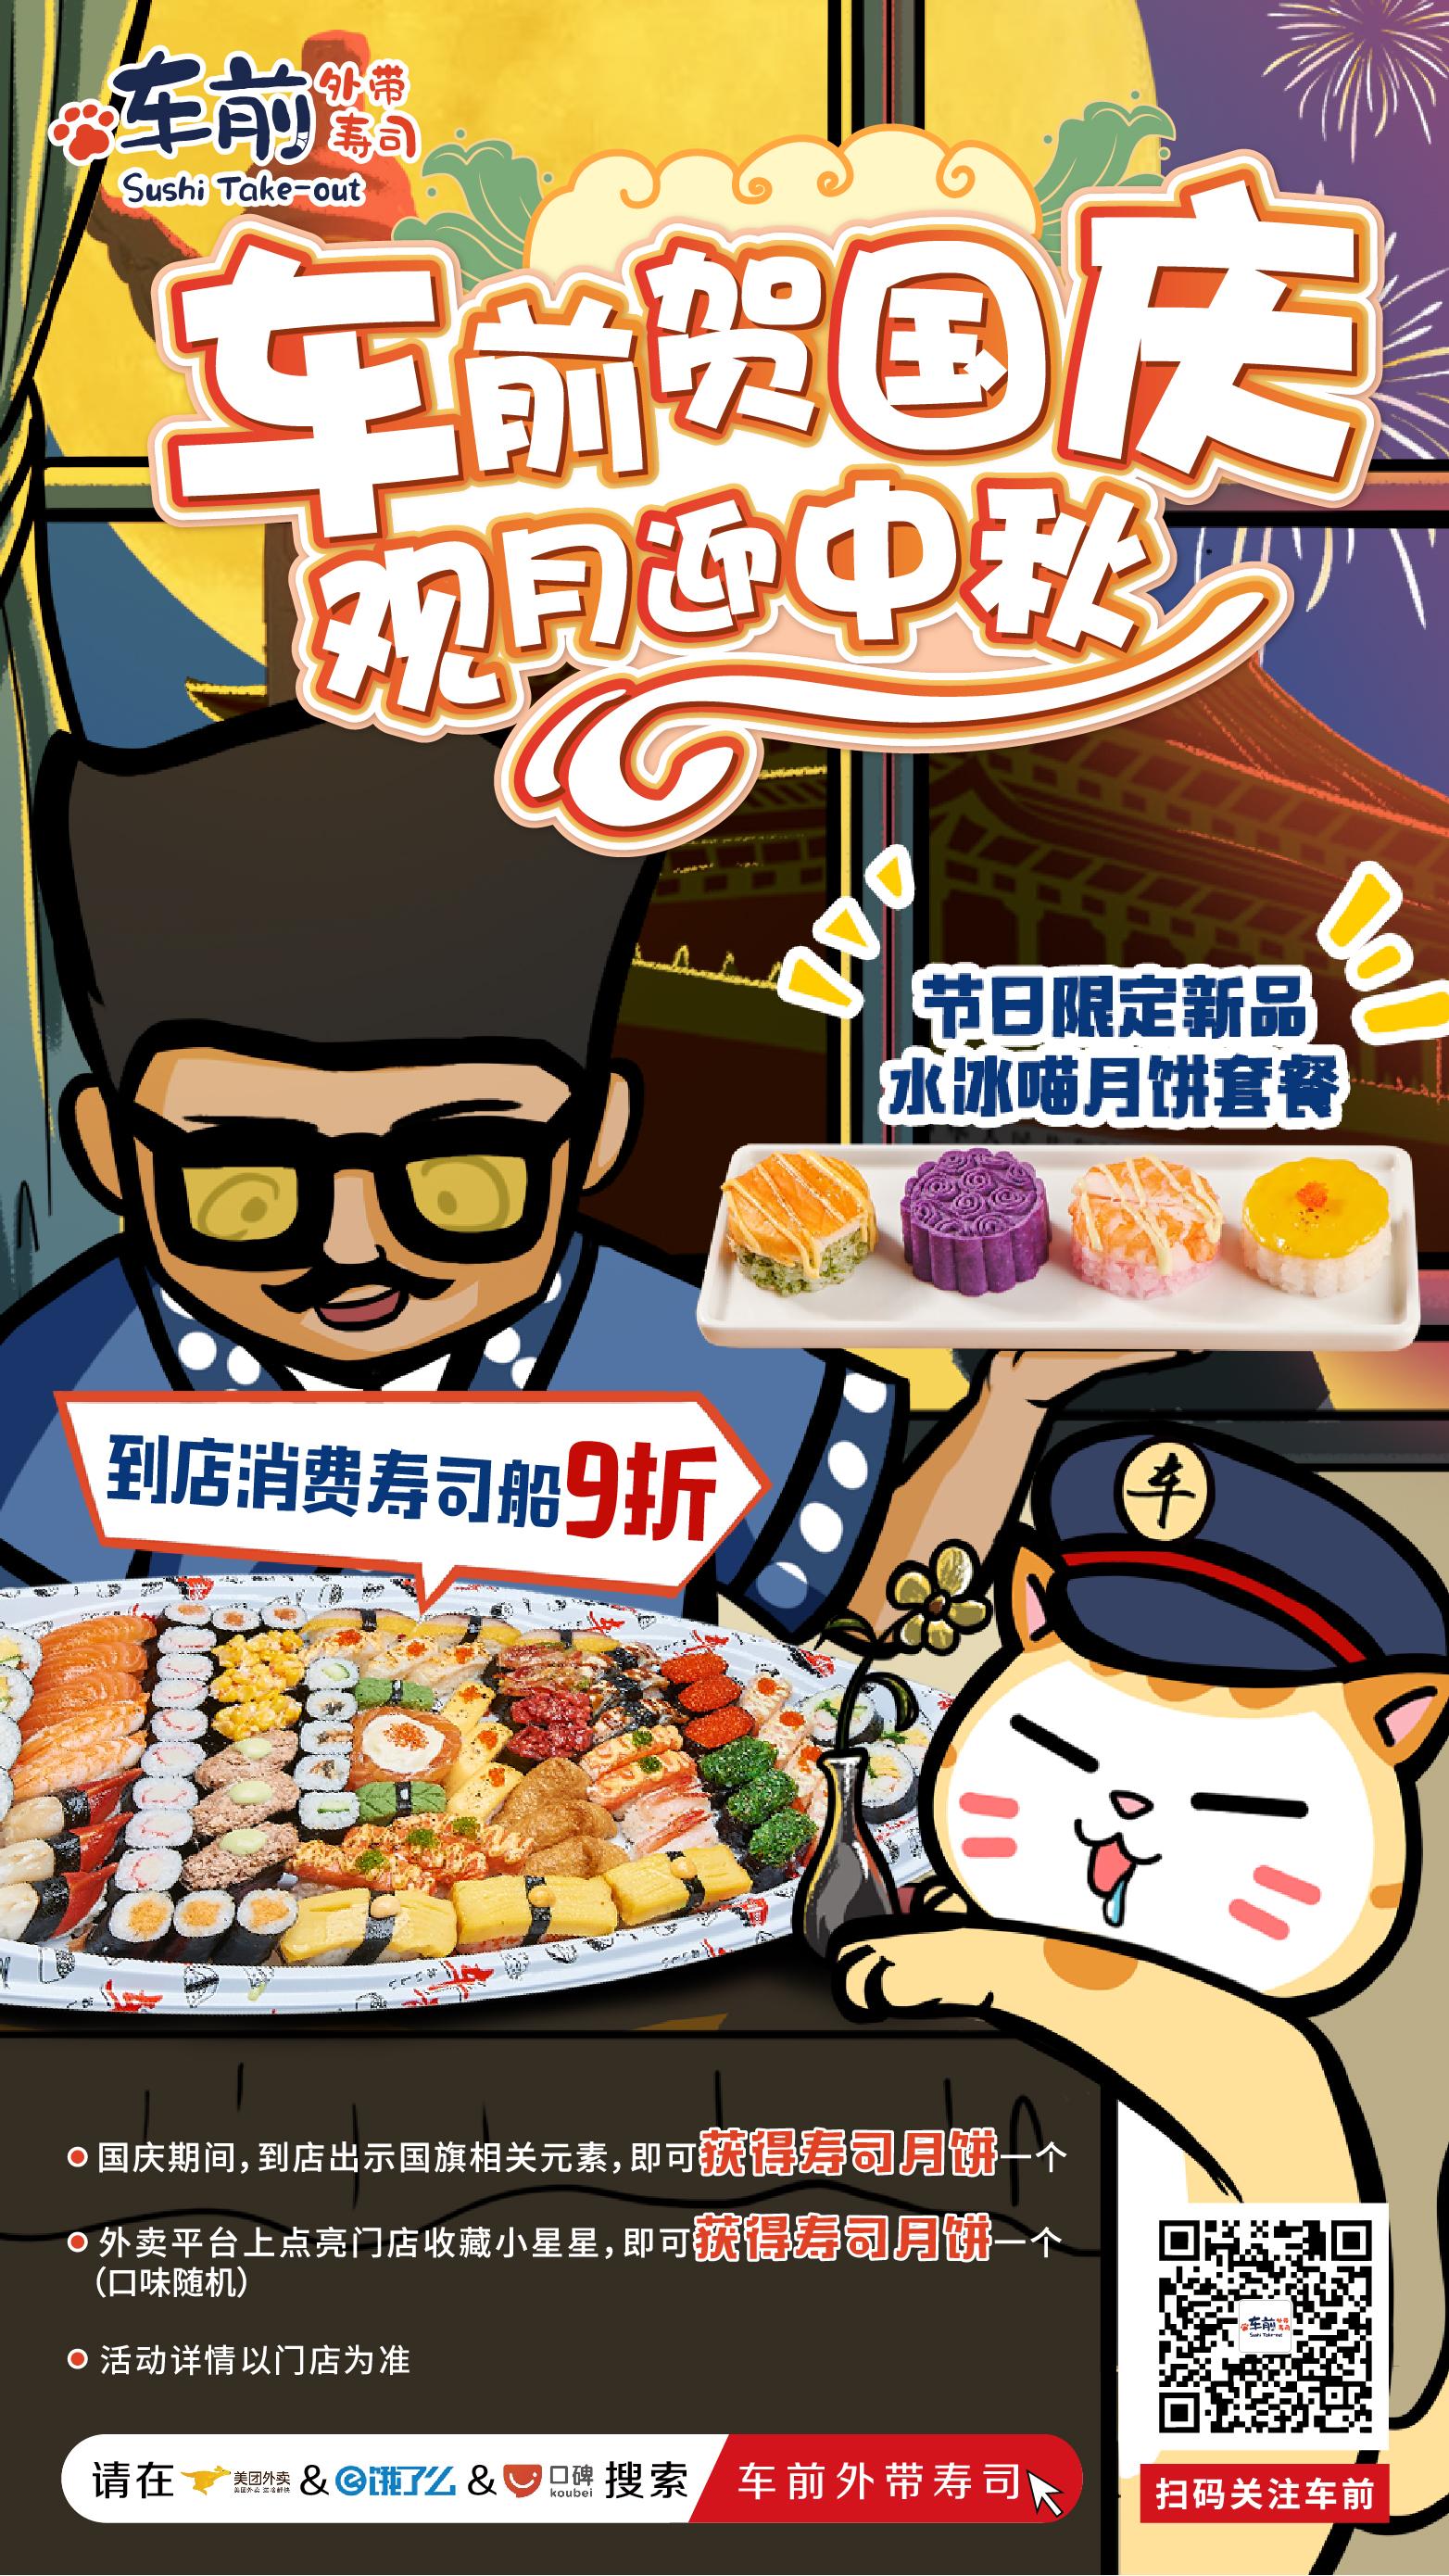 车前中秋国庆海报-加字_画板 1 副本.jpg